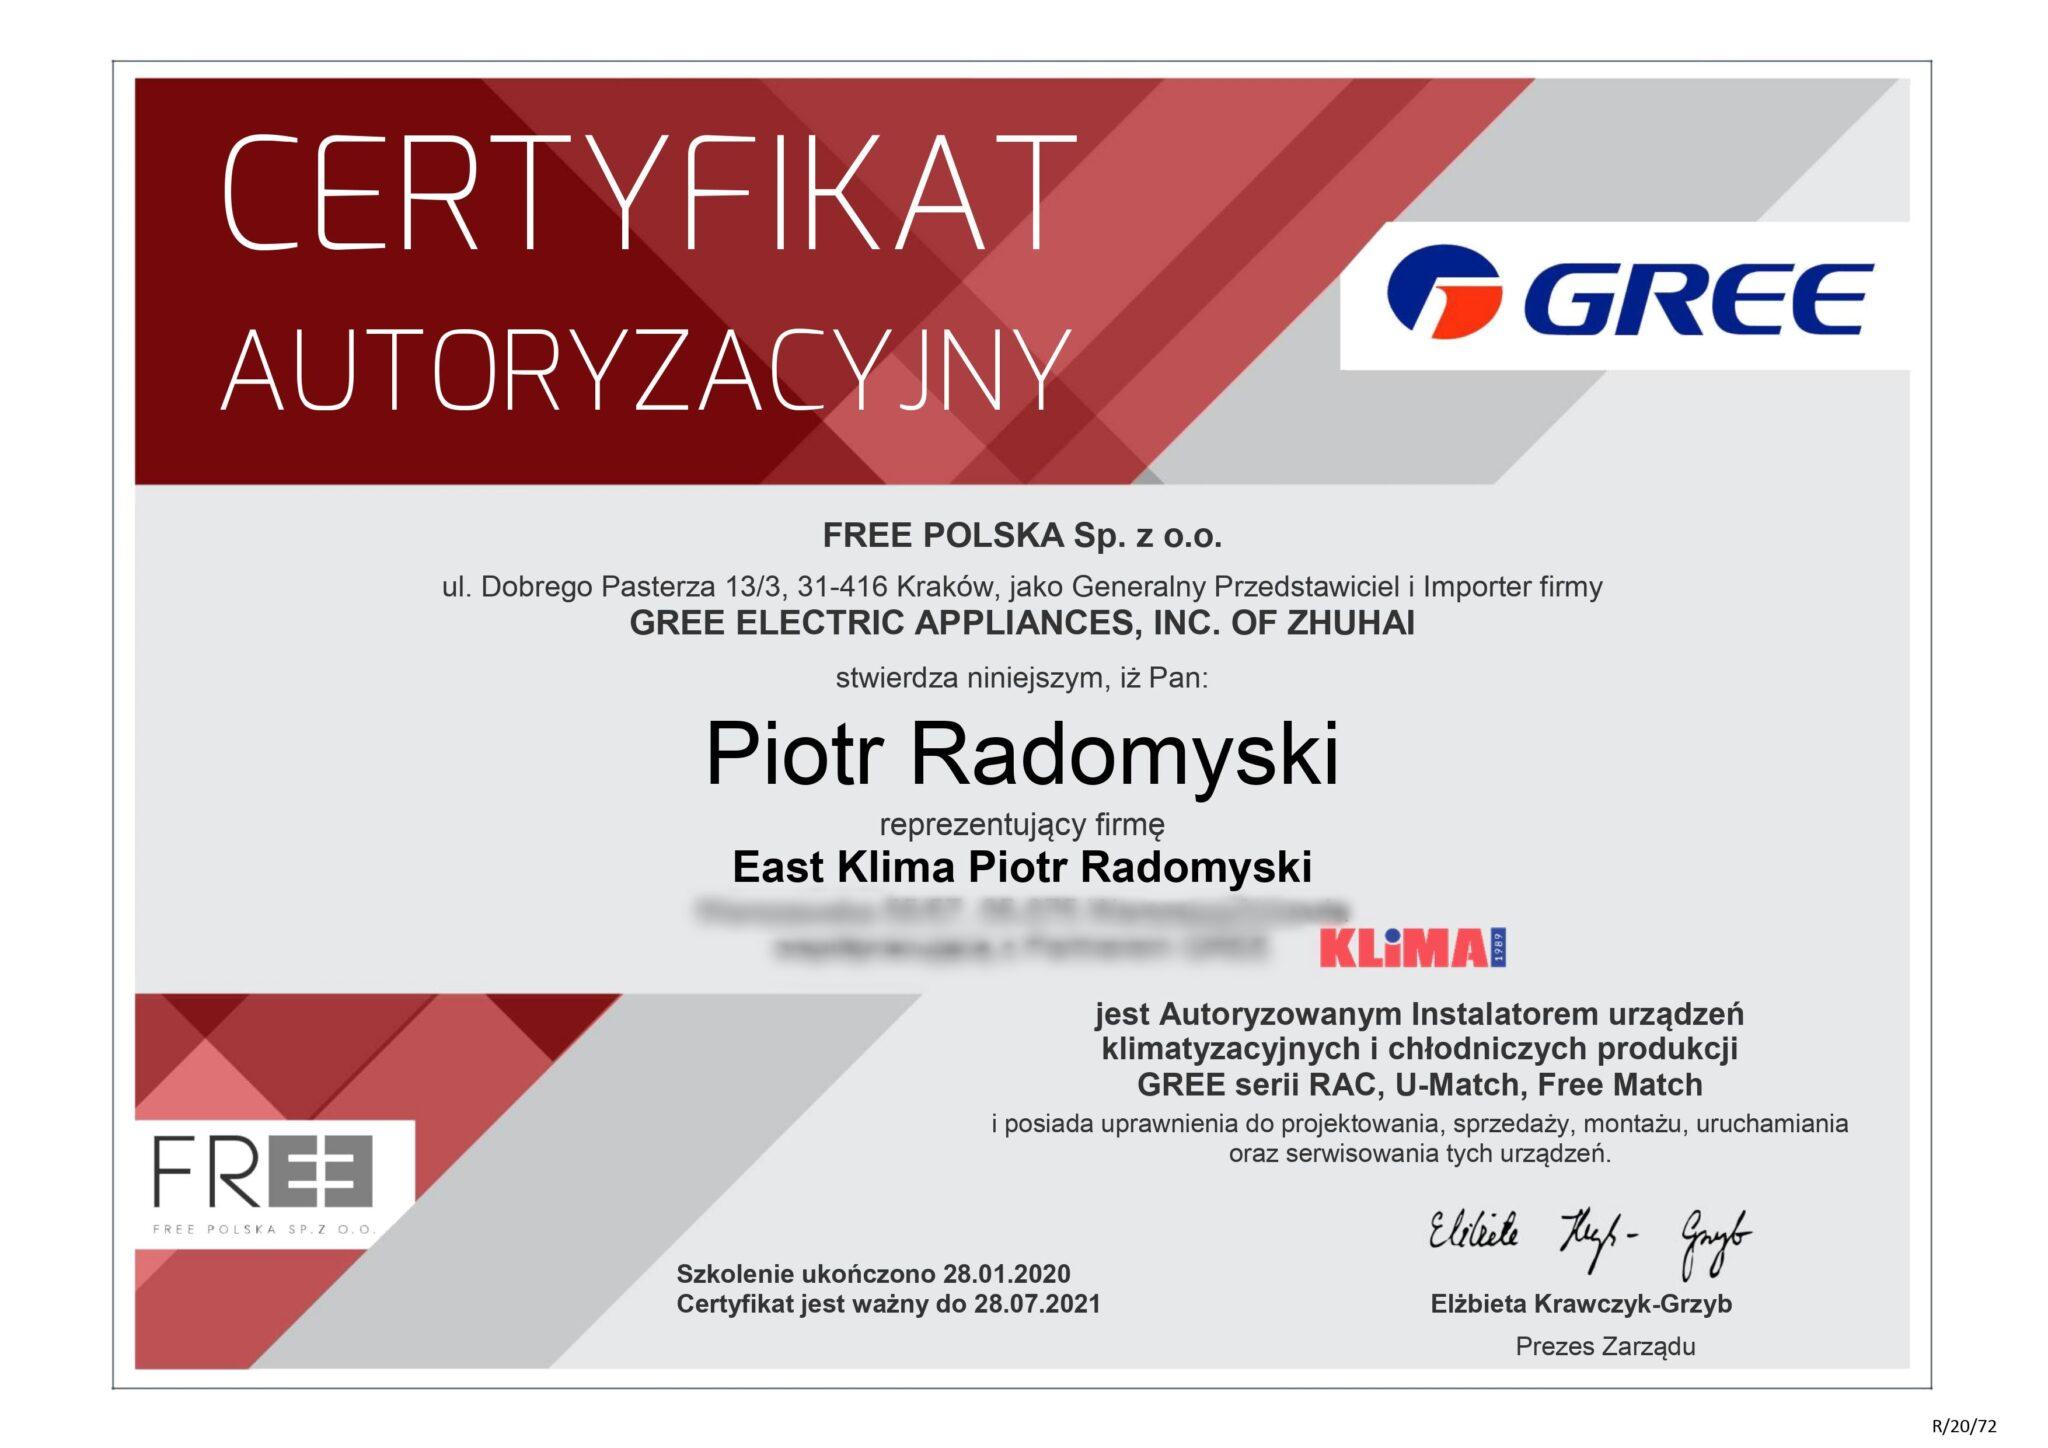 Piotr Radomyski